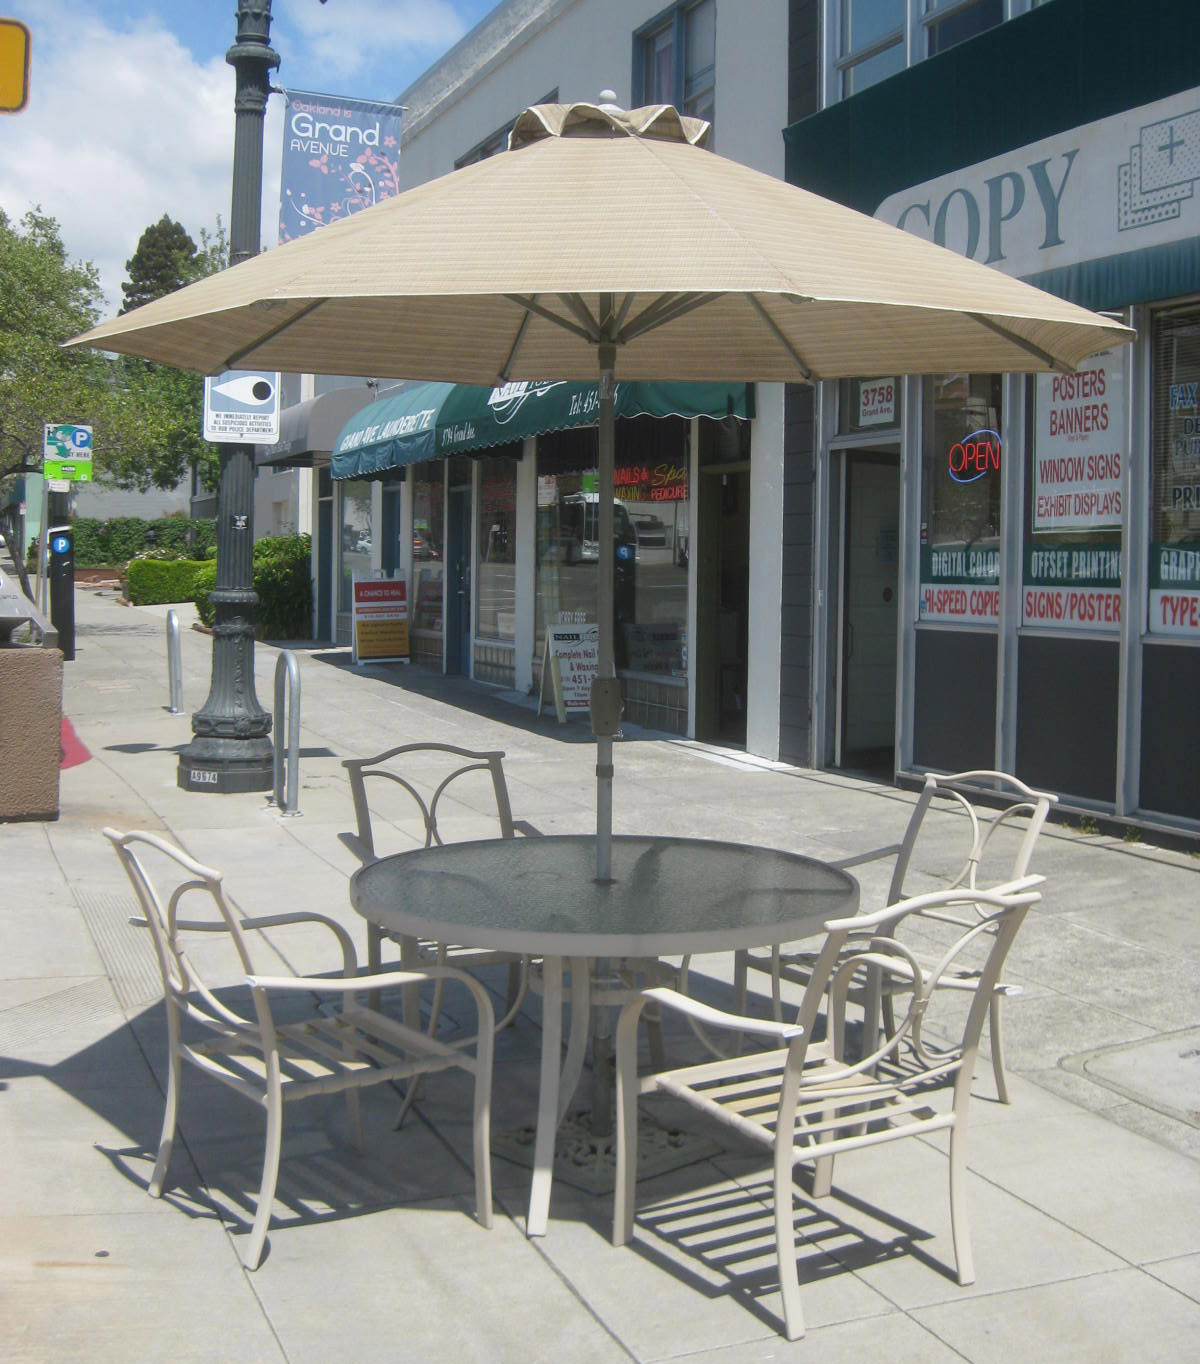 http://2.bp.blogspot.com/-h48WyIpUbnQ/T5dpBdR5DKI/AAAAAAAAamU/JhCqxwsK3ow/s1600/PatioSet+Umbrella.JPG